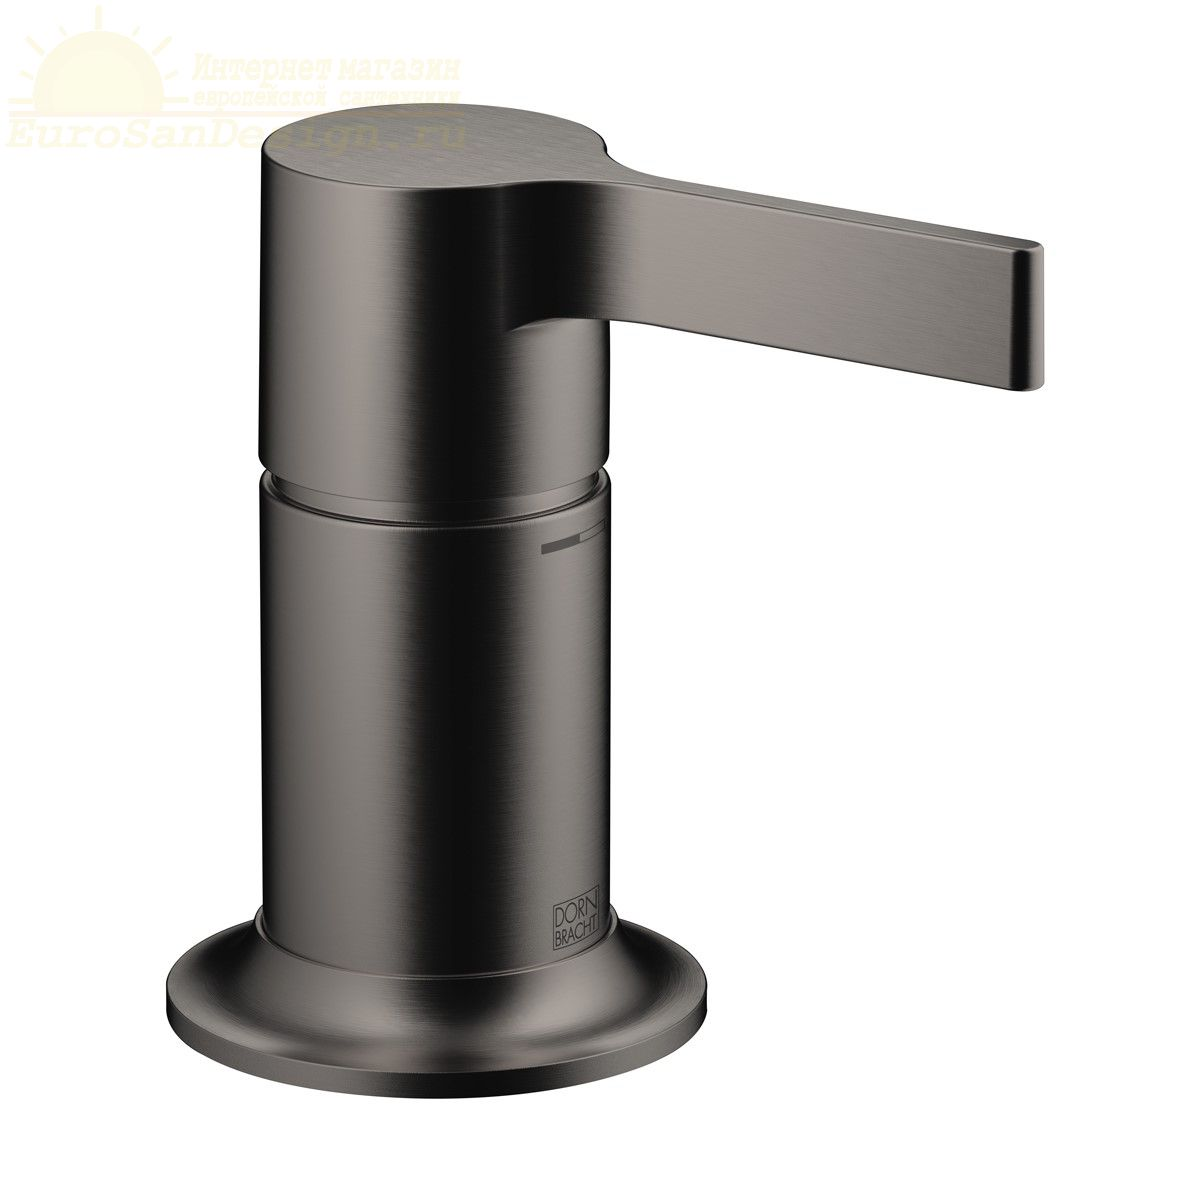 Dornbracht Vaia смеситель для ванны 29300809 ФОТО